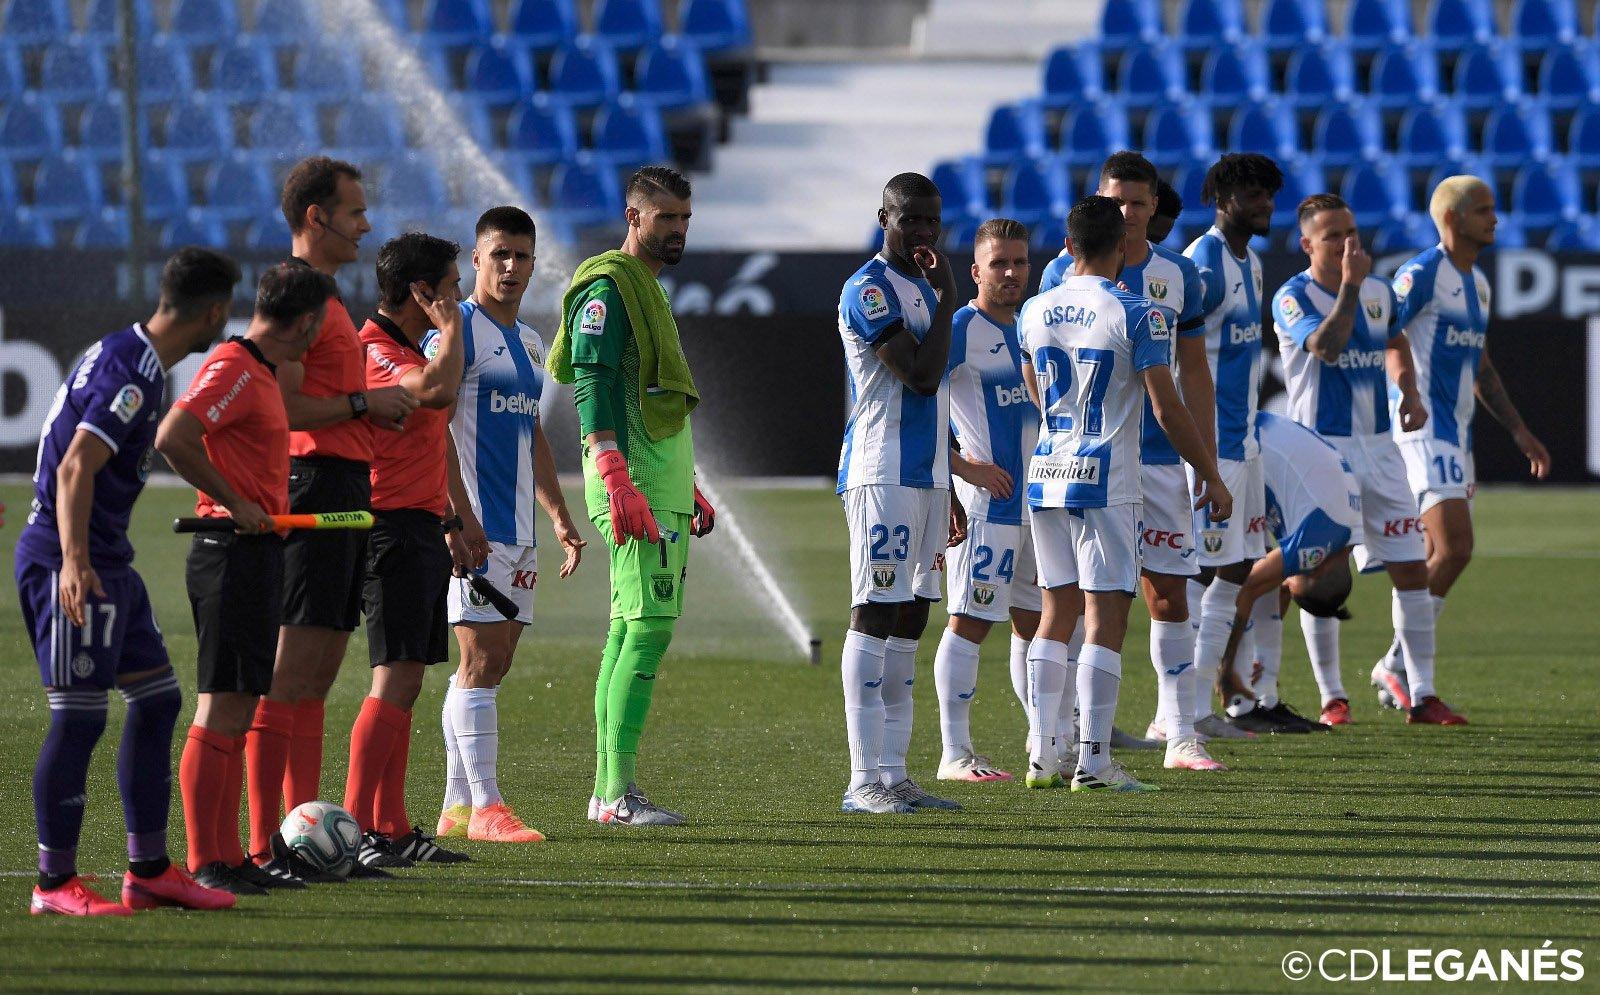 تشكيلة الرسمية ليجانيس,تشكيلة الرسمية ليجانيس ضد برشلونة,تشكيلة ليجانيس في مواجهة برشلونة,تشكيلة ليجانيس,تشكيلة ليجانيس أمام برشلونة,تشكيلة ليجانيس في الدوري الإسباني